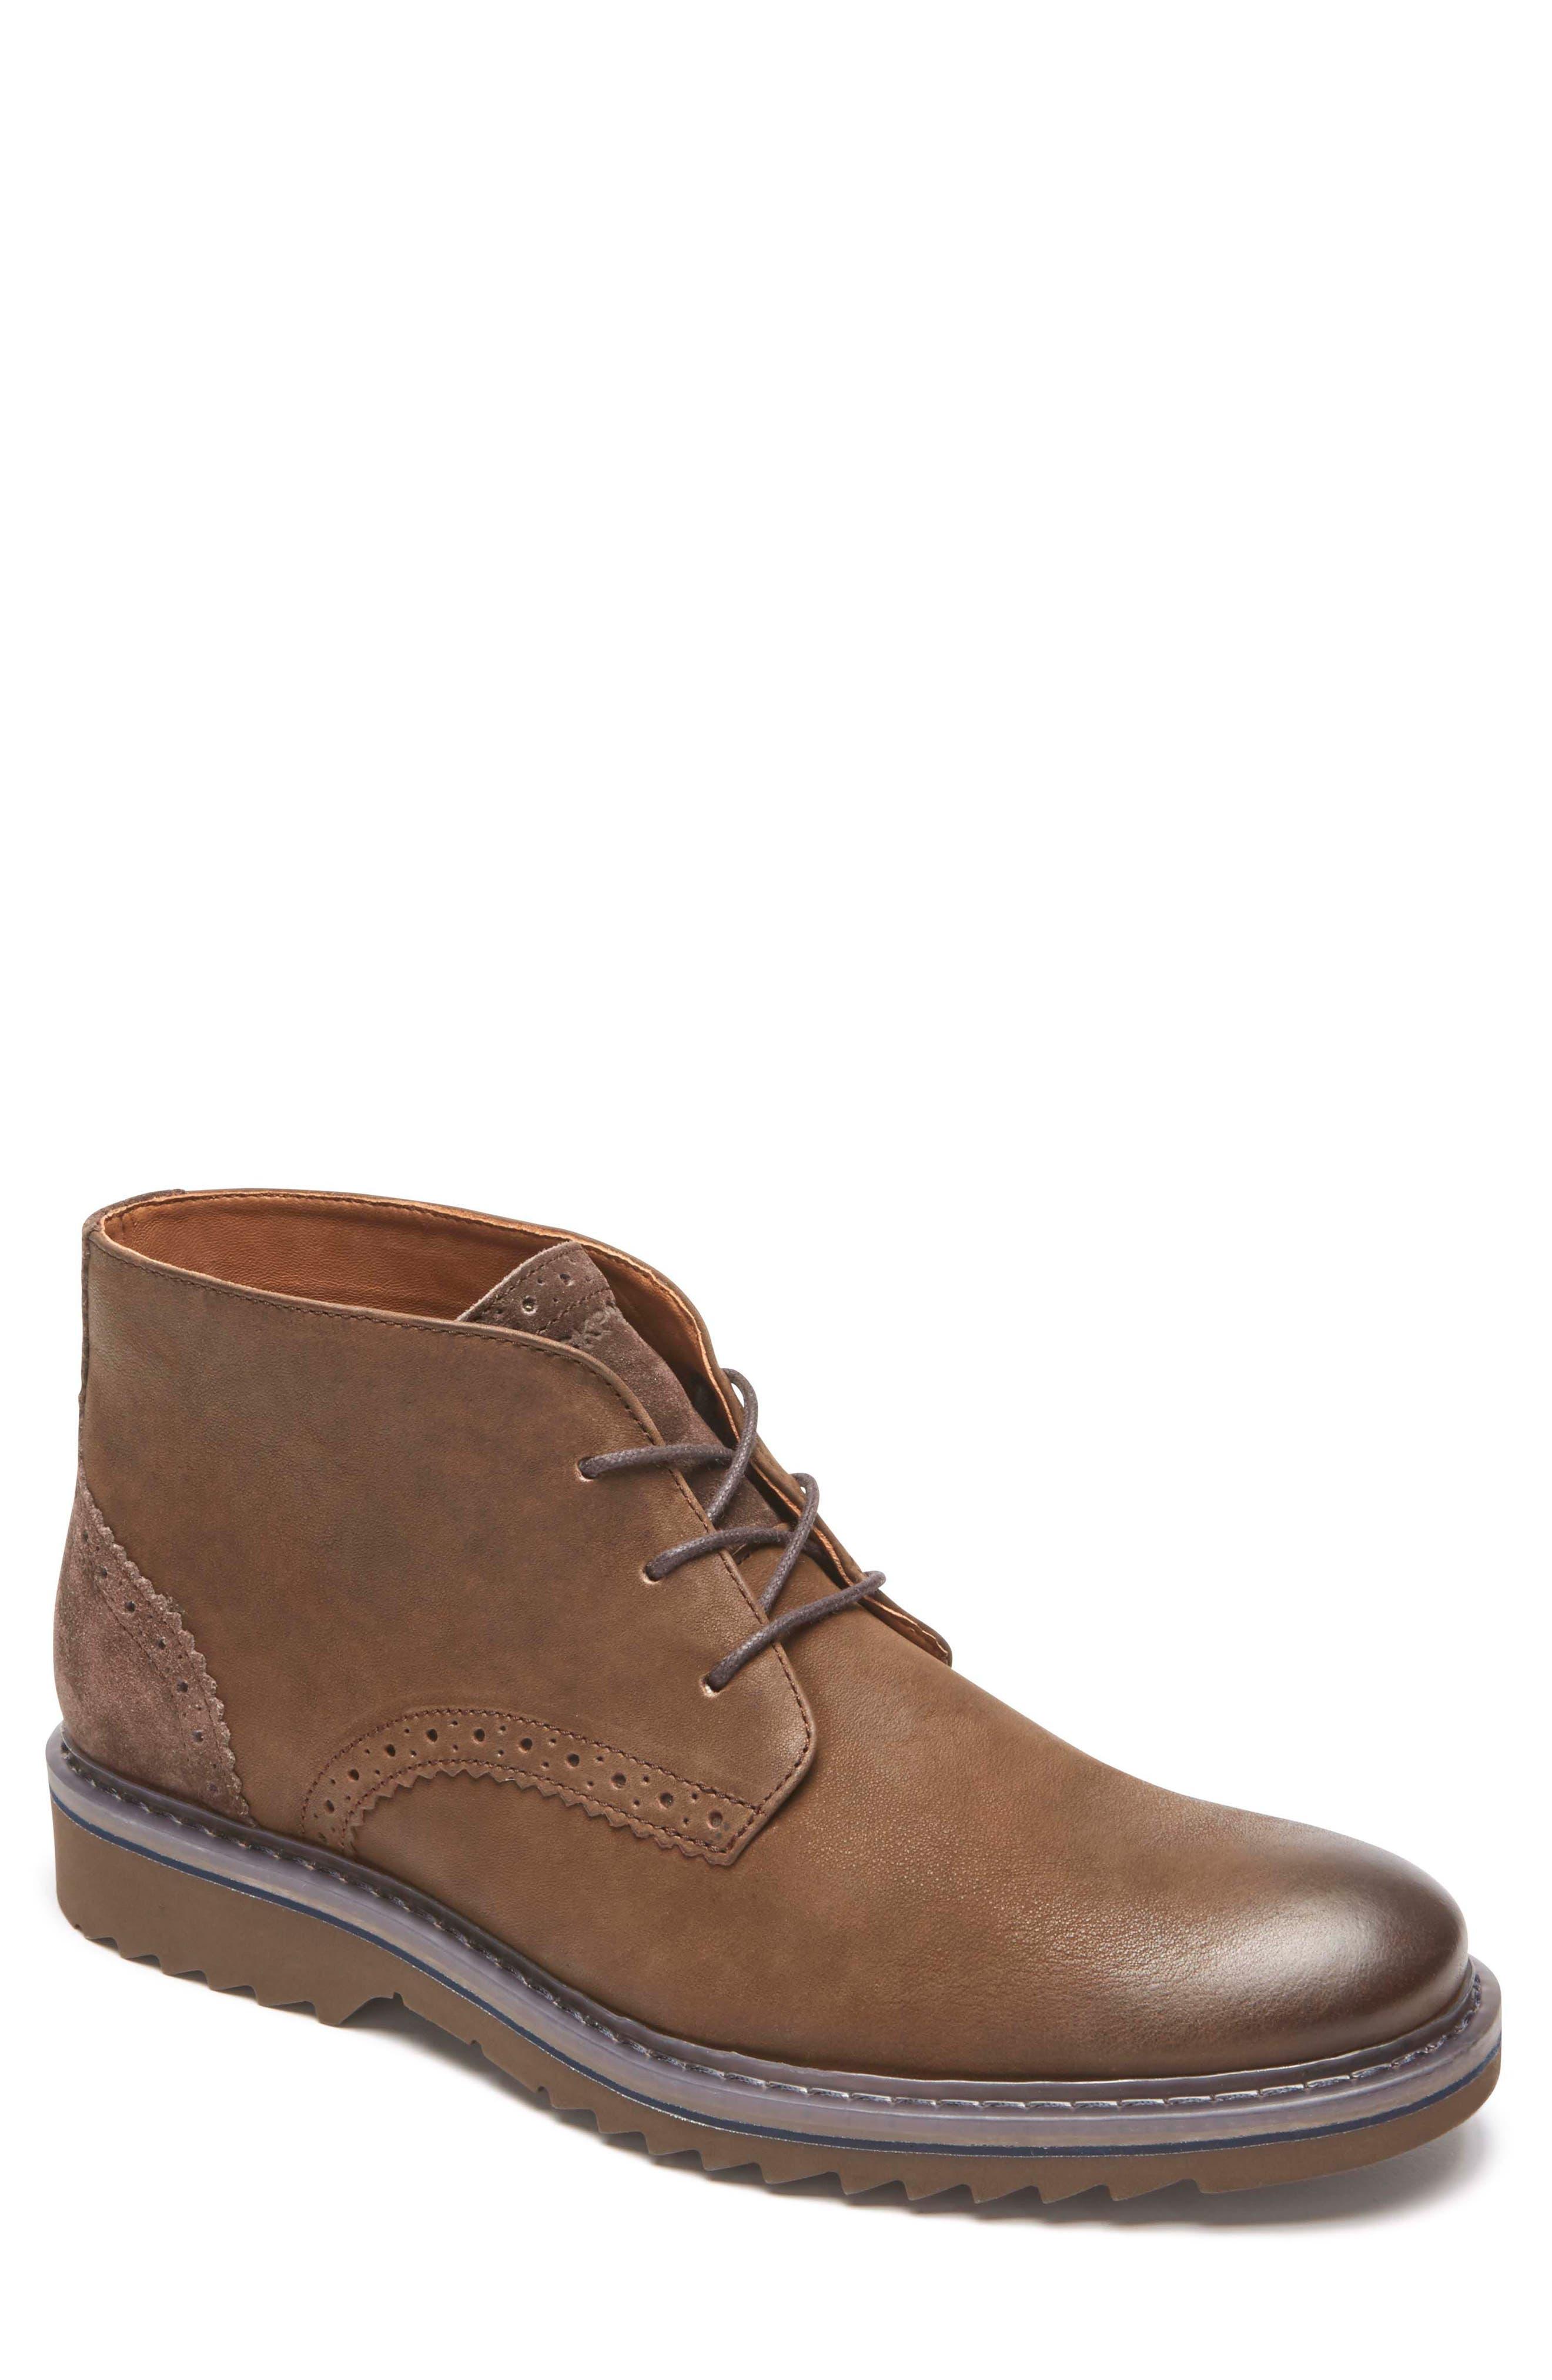 Jaxson Chukka Boot,                         Main,                         color, Brown/ Brown Leather